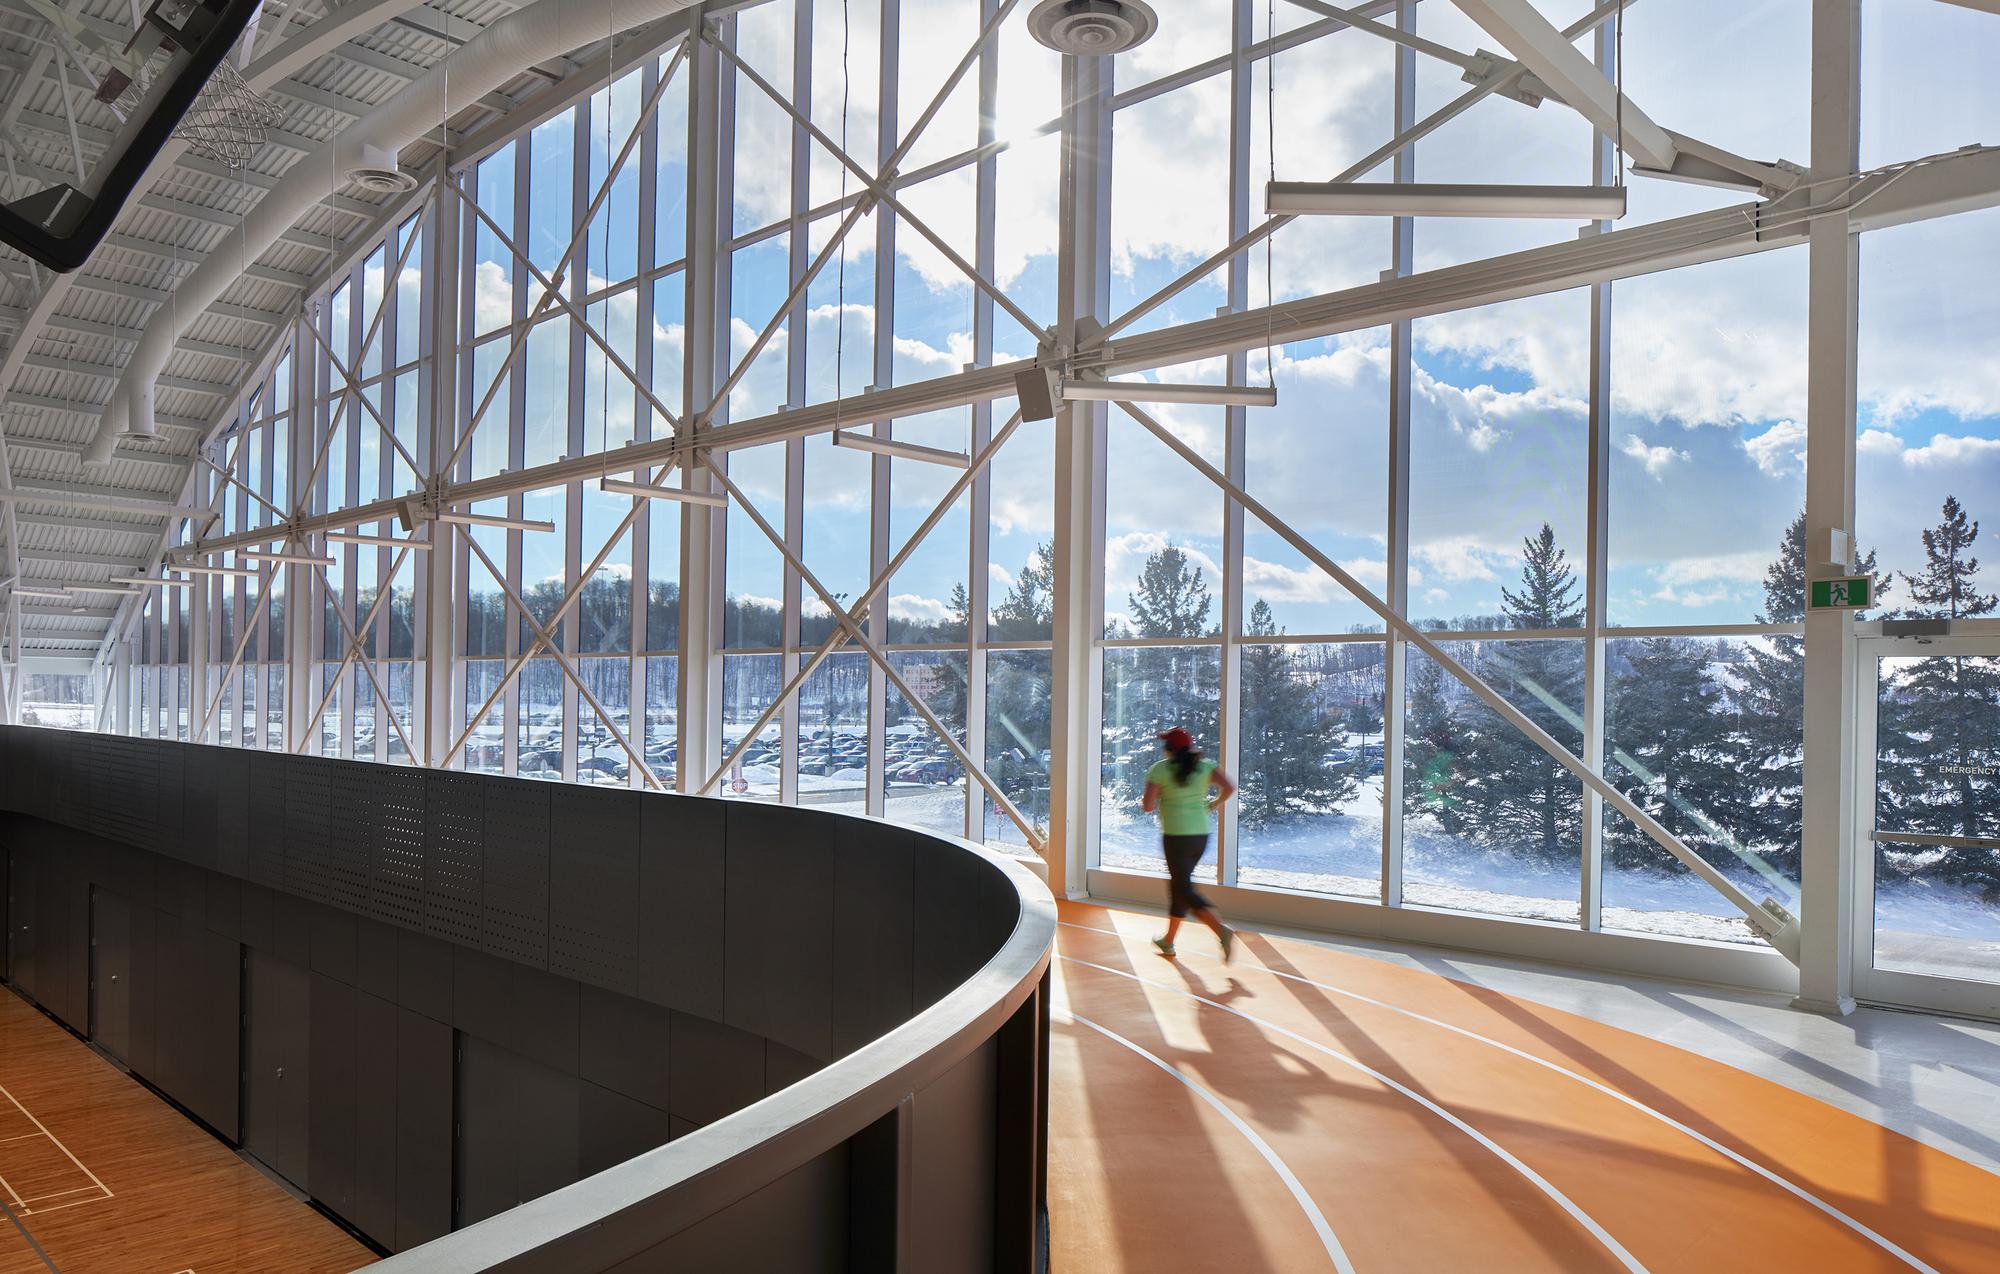 Conestoga College Student Recreation Centre / MJMA | ArchDaily